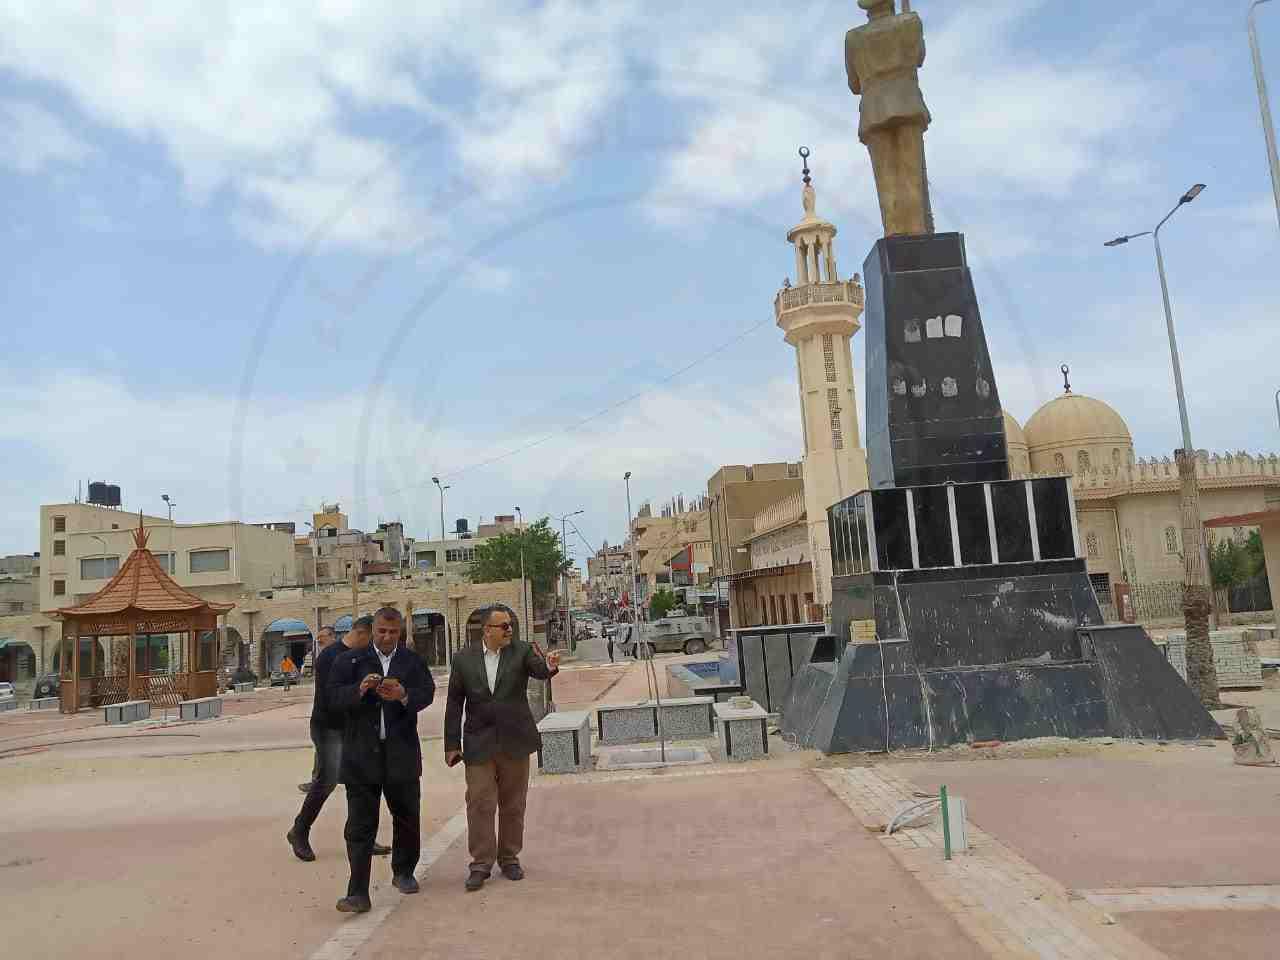 نائب محافظ شمال سيناء يتفقد المشروعات التنموية بمدينة العريش 1 - وكالة سيناء نيوز